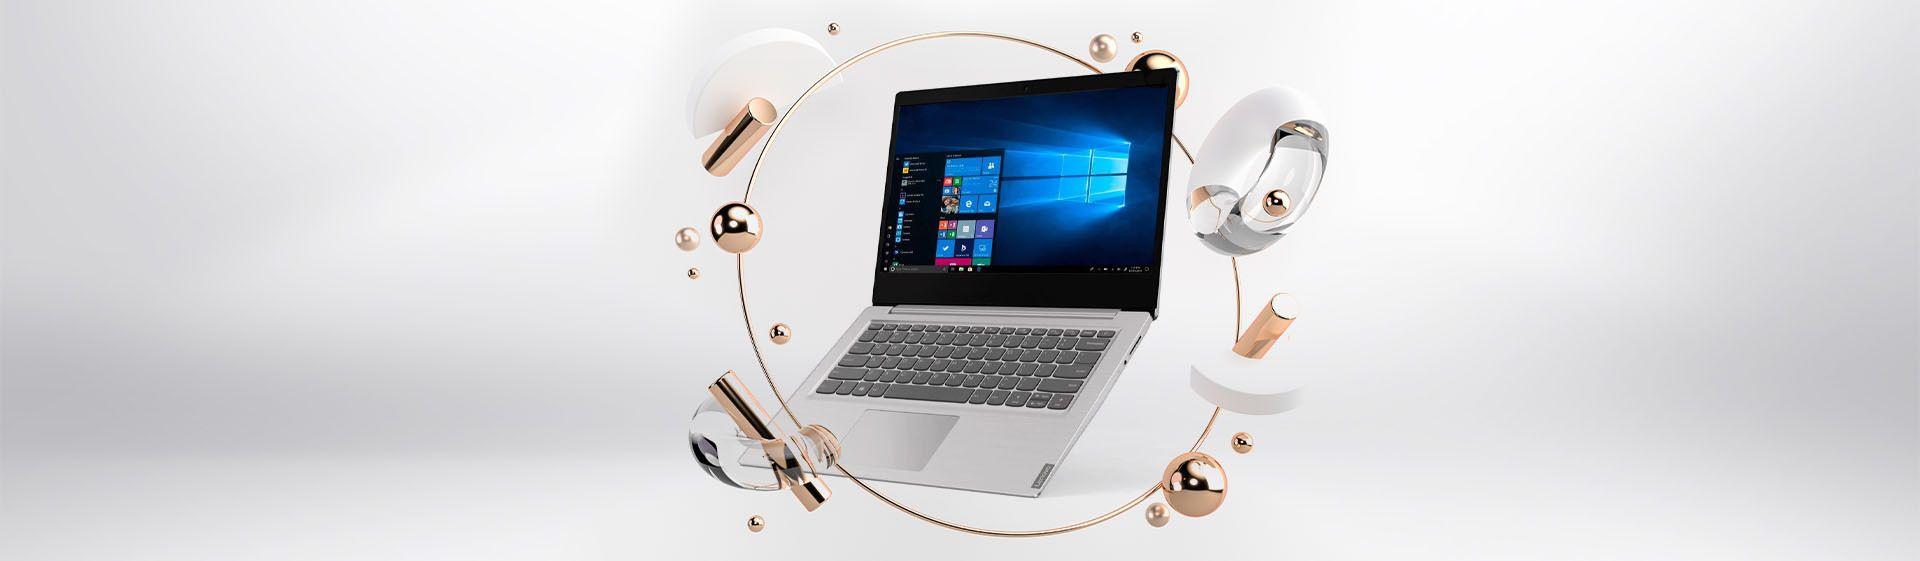 IdeaPad S145 (Core i5 de 10ª geração) é bom? Veja análise do notebook